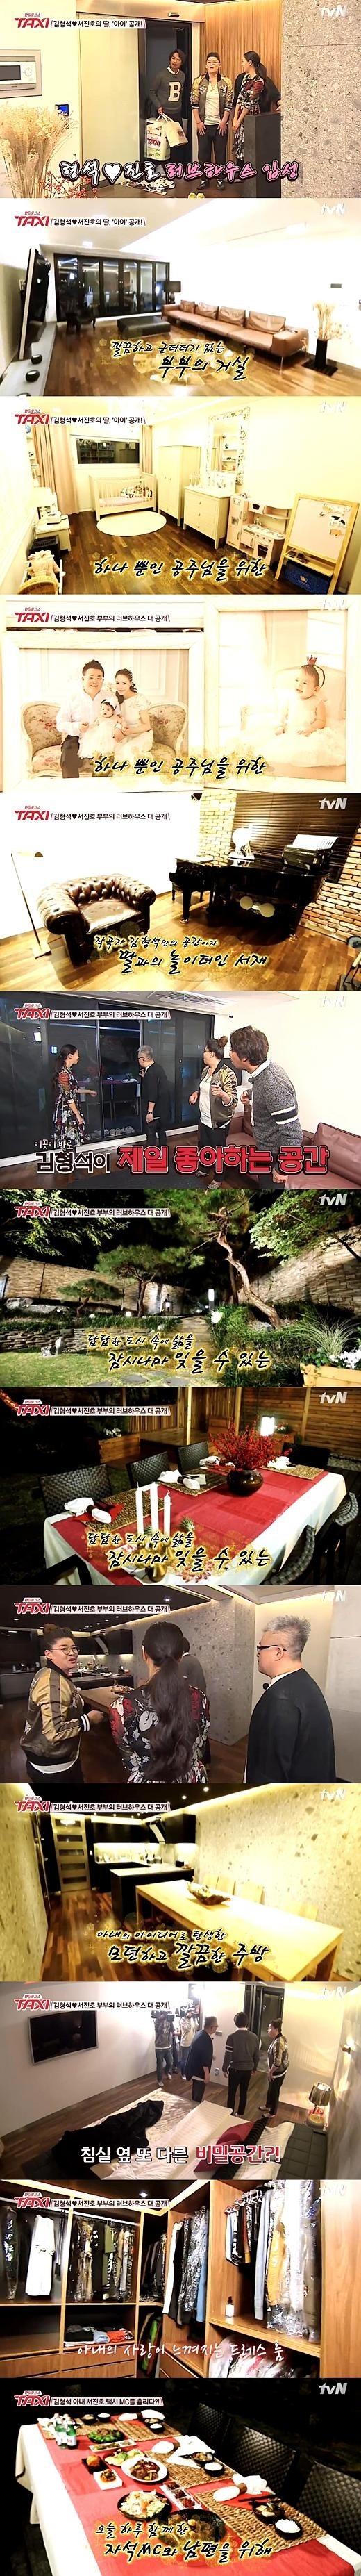 まるでホテルみたい?キム・ヒョンソク&ソ・ジノ夫婦、豪華な自宅を公開